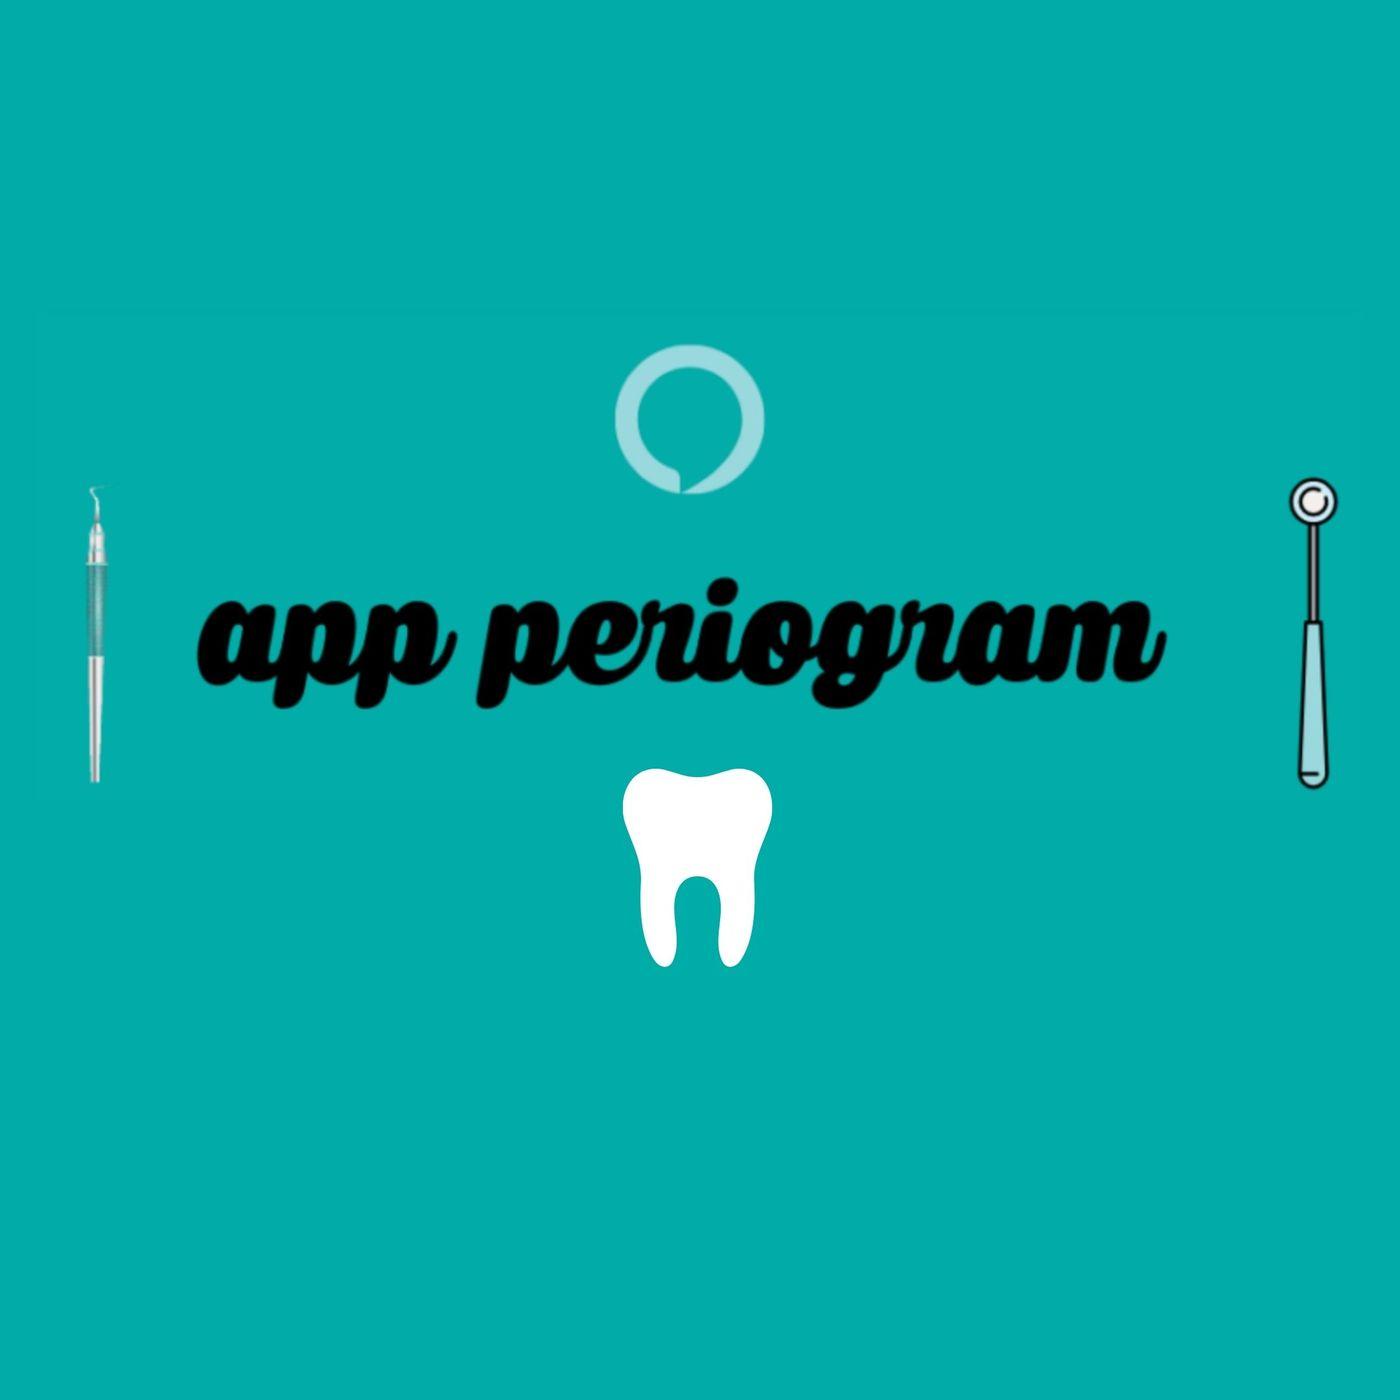 [Aggiornamento] App Periogram: come facilitare la rilevazione degli indici parodontali - Dott. Andrea Butera